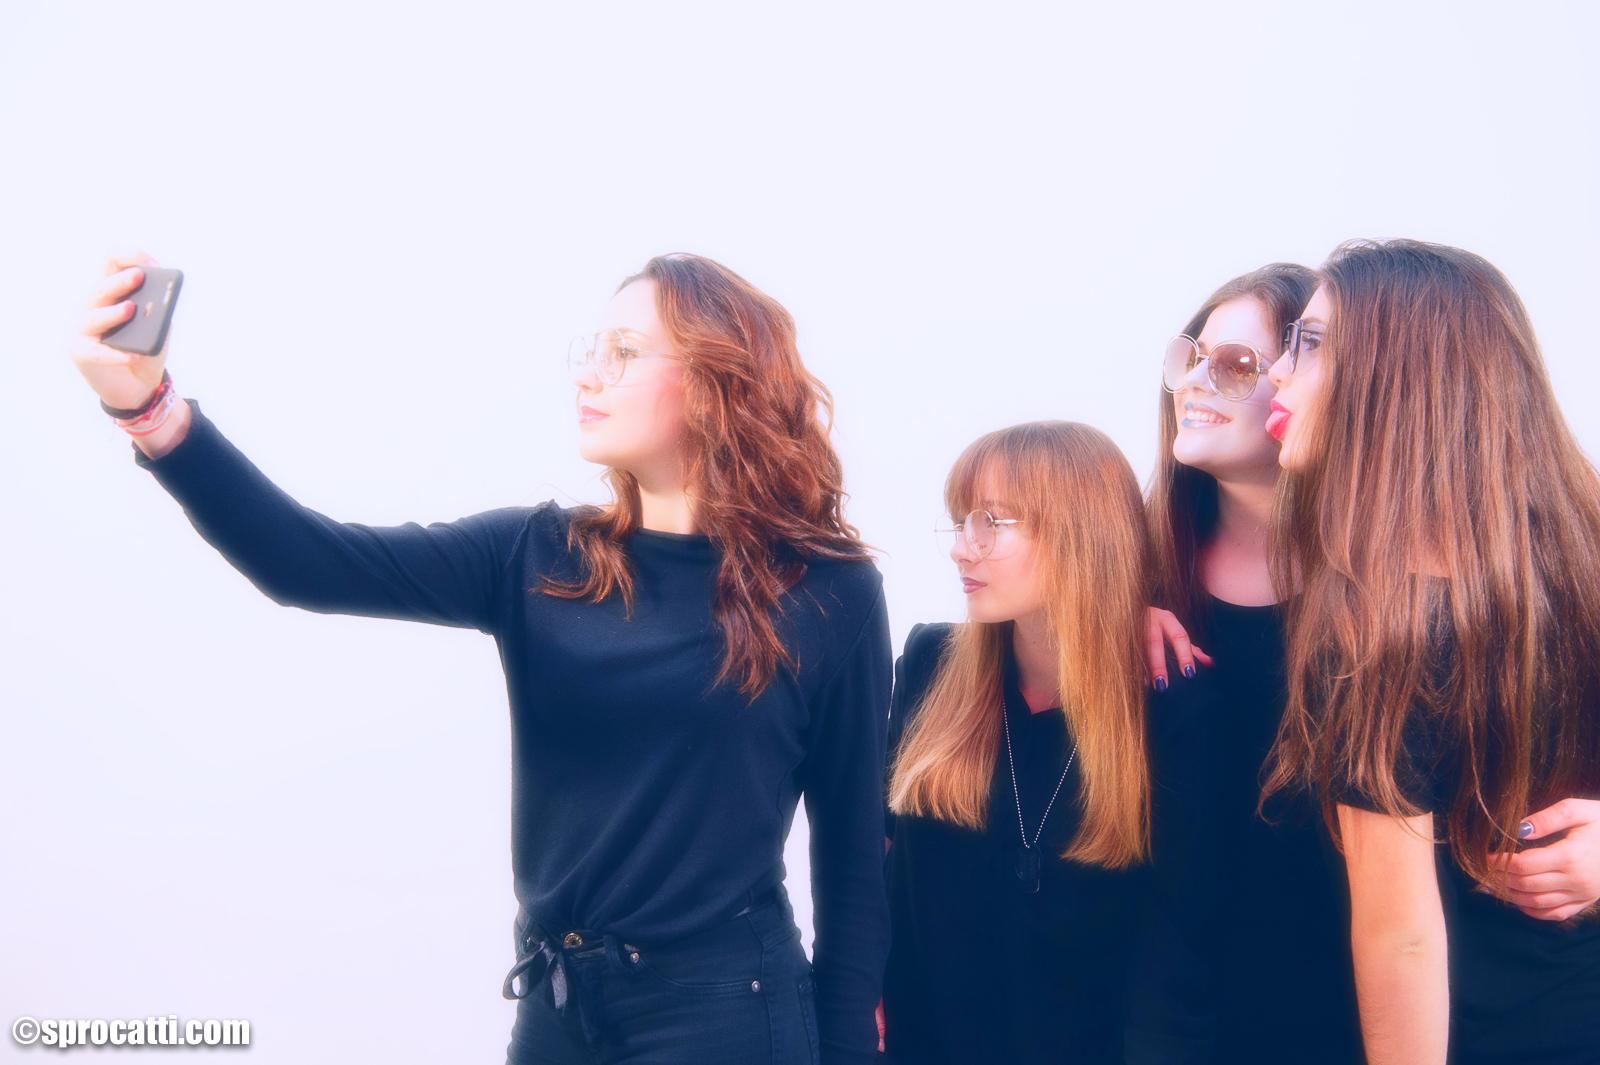 ragazze selfie